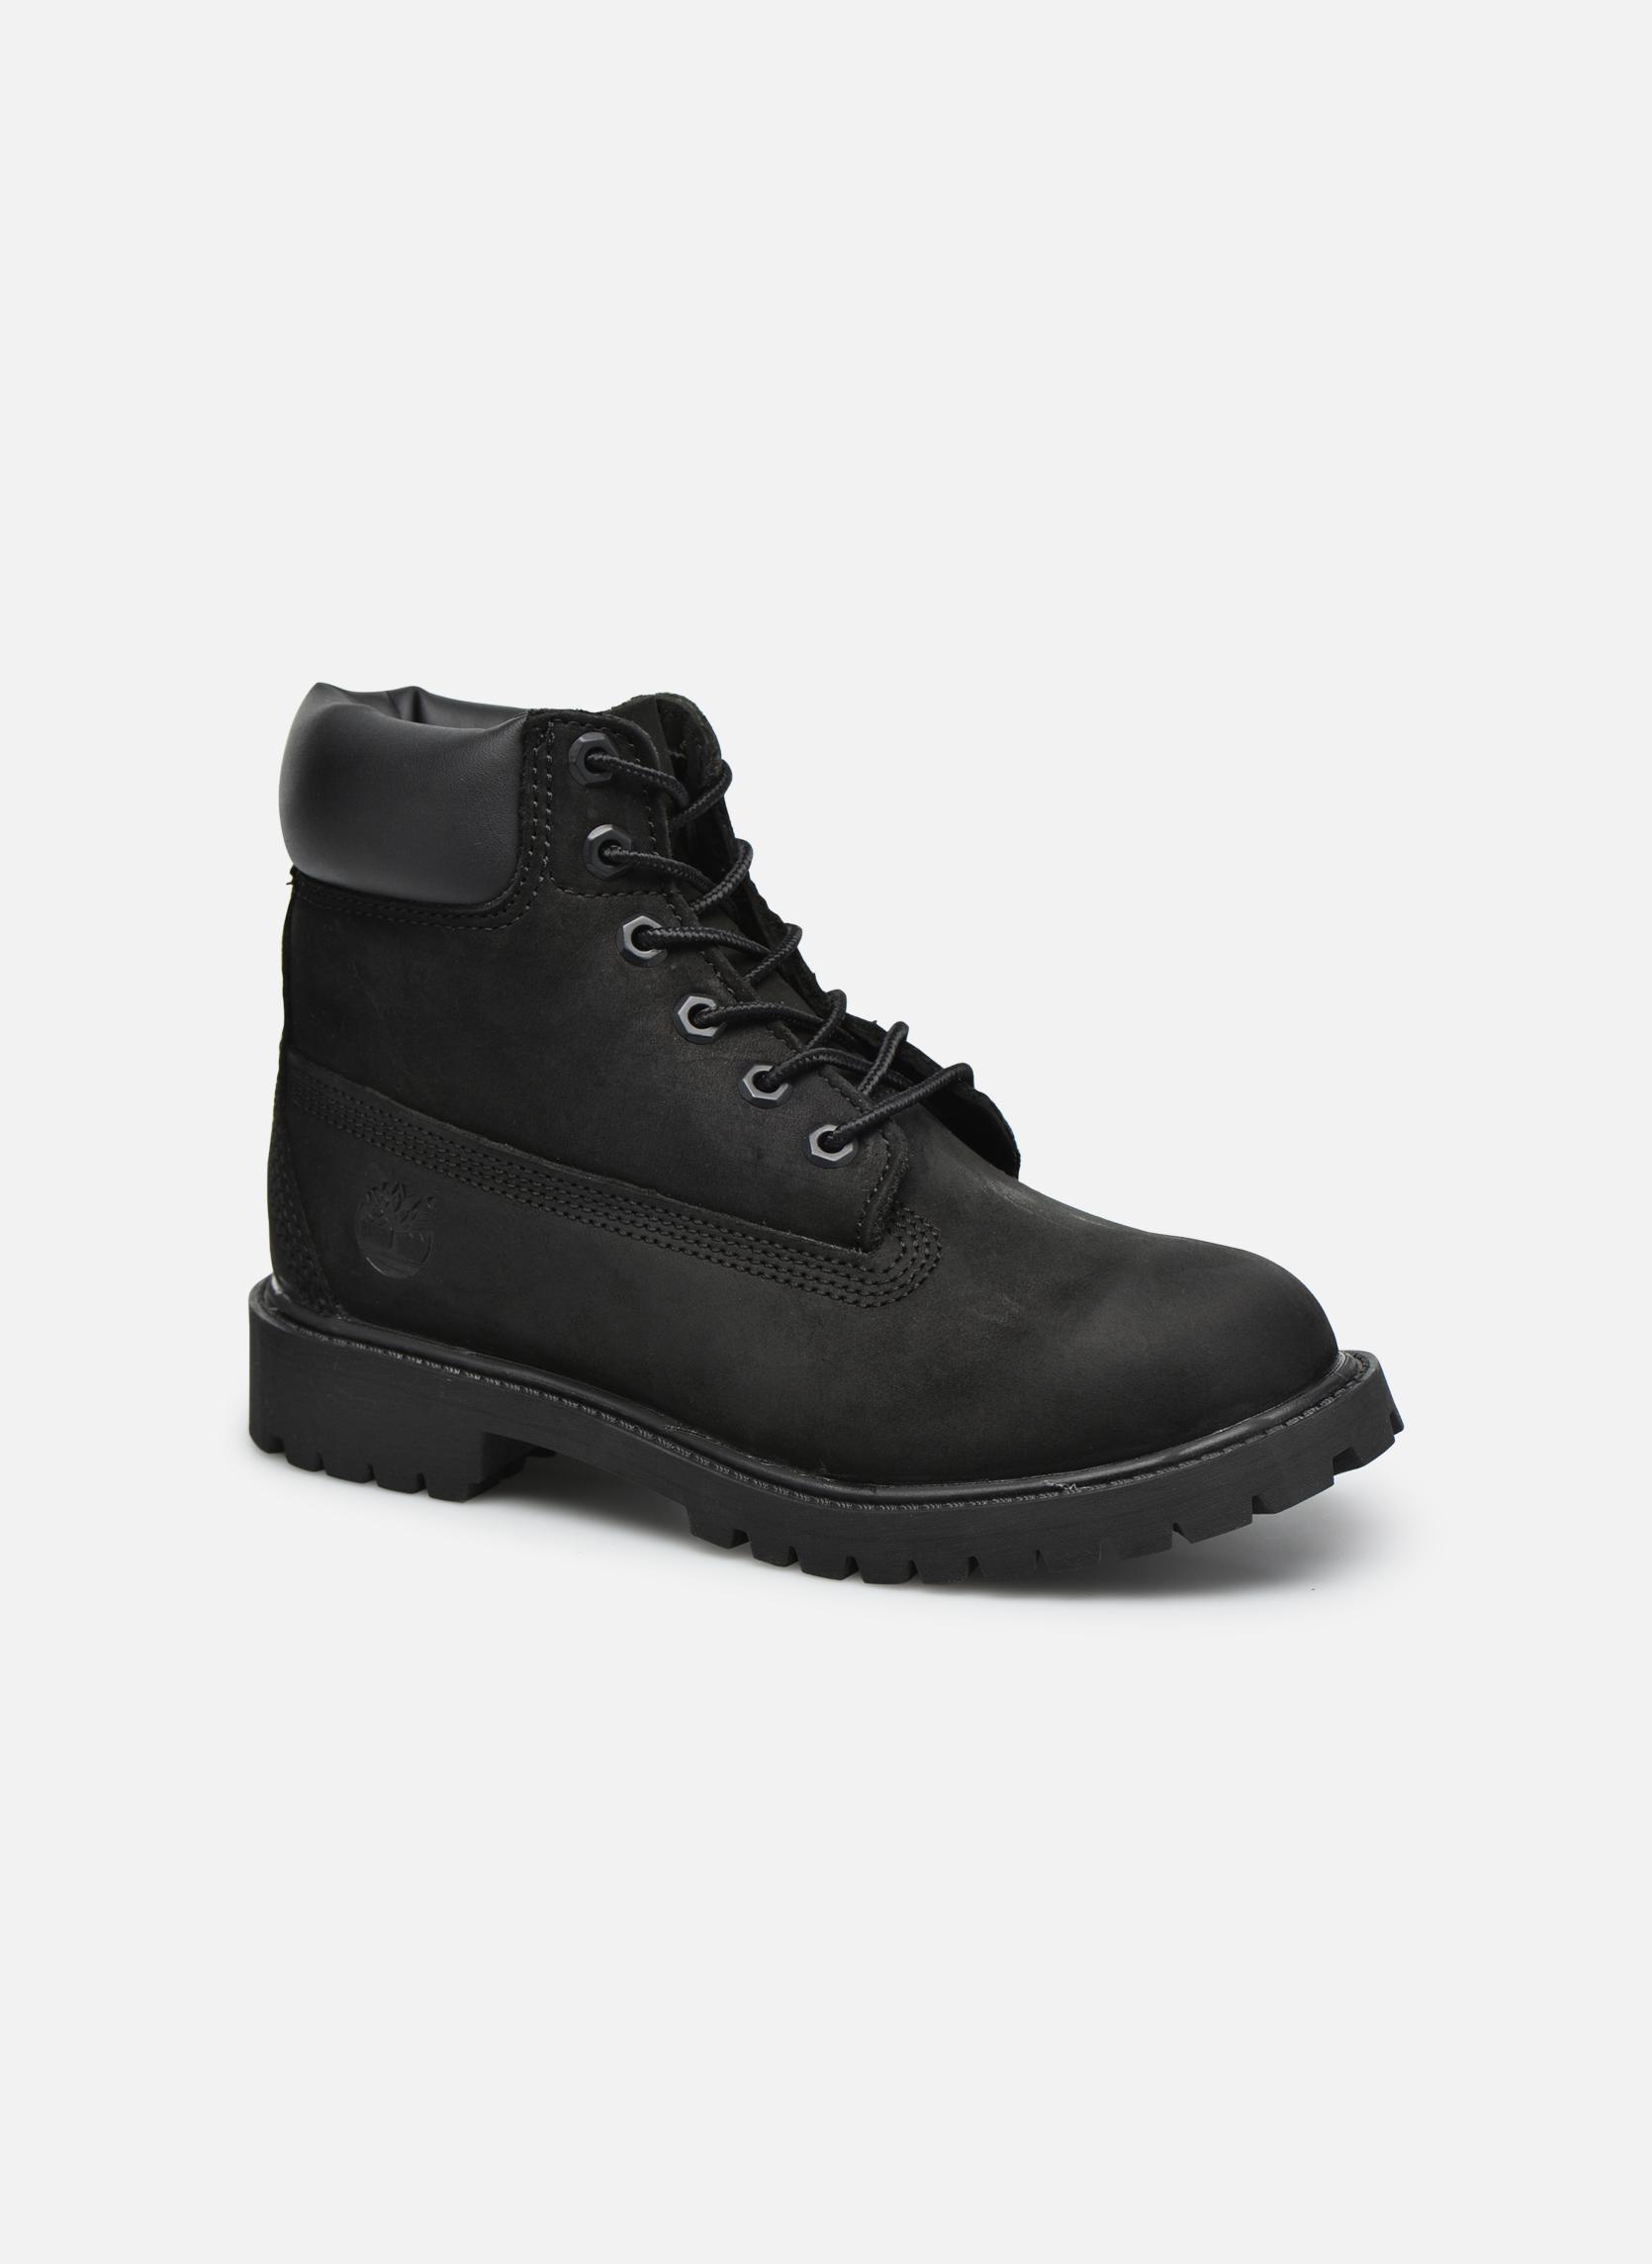 b0033808d16 ... Boots en enkellaarsjes Kinderen 6 In Premium WP Boot